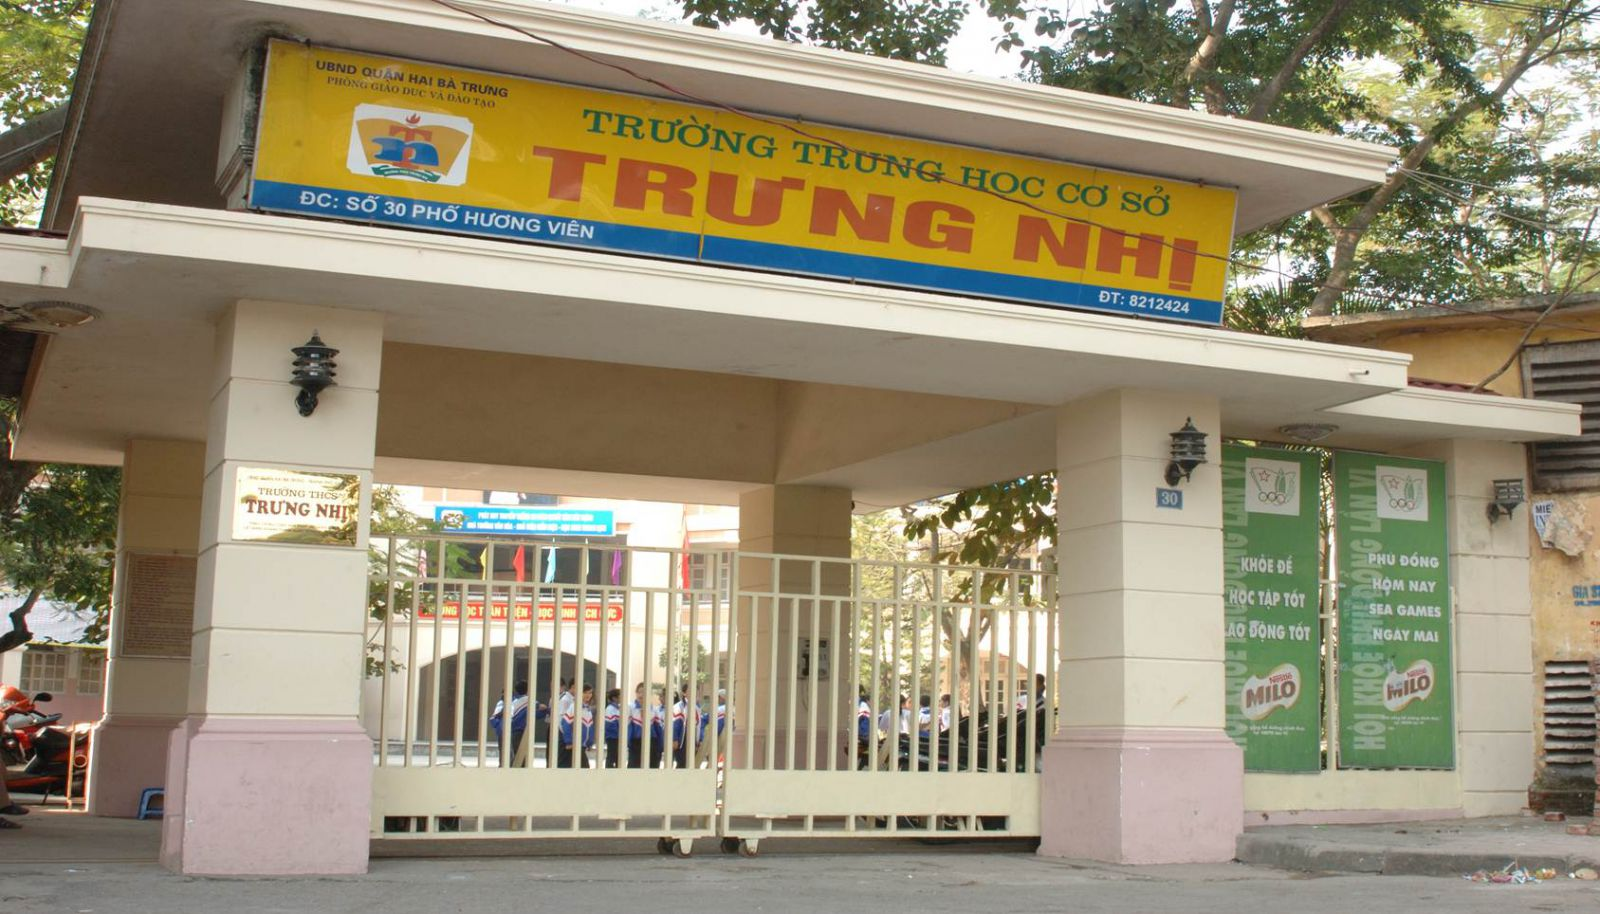 Trưng Nhị - Trường THCS công lập quận Hai Bà Trưng, Hà Nội (Ảnh: Tây Hồ Housing)